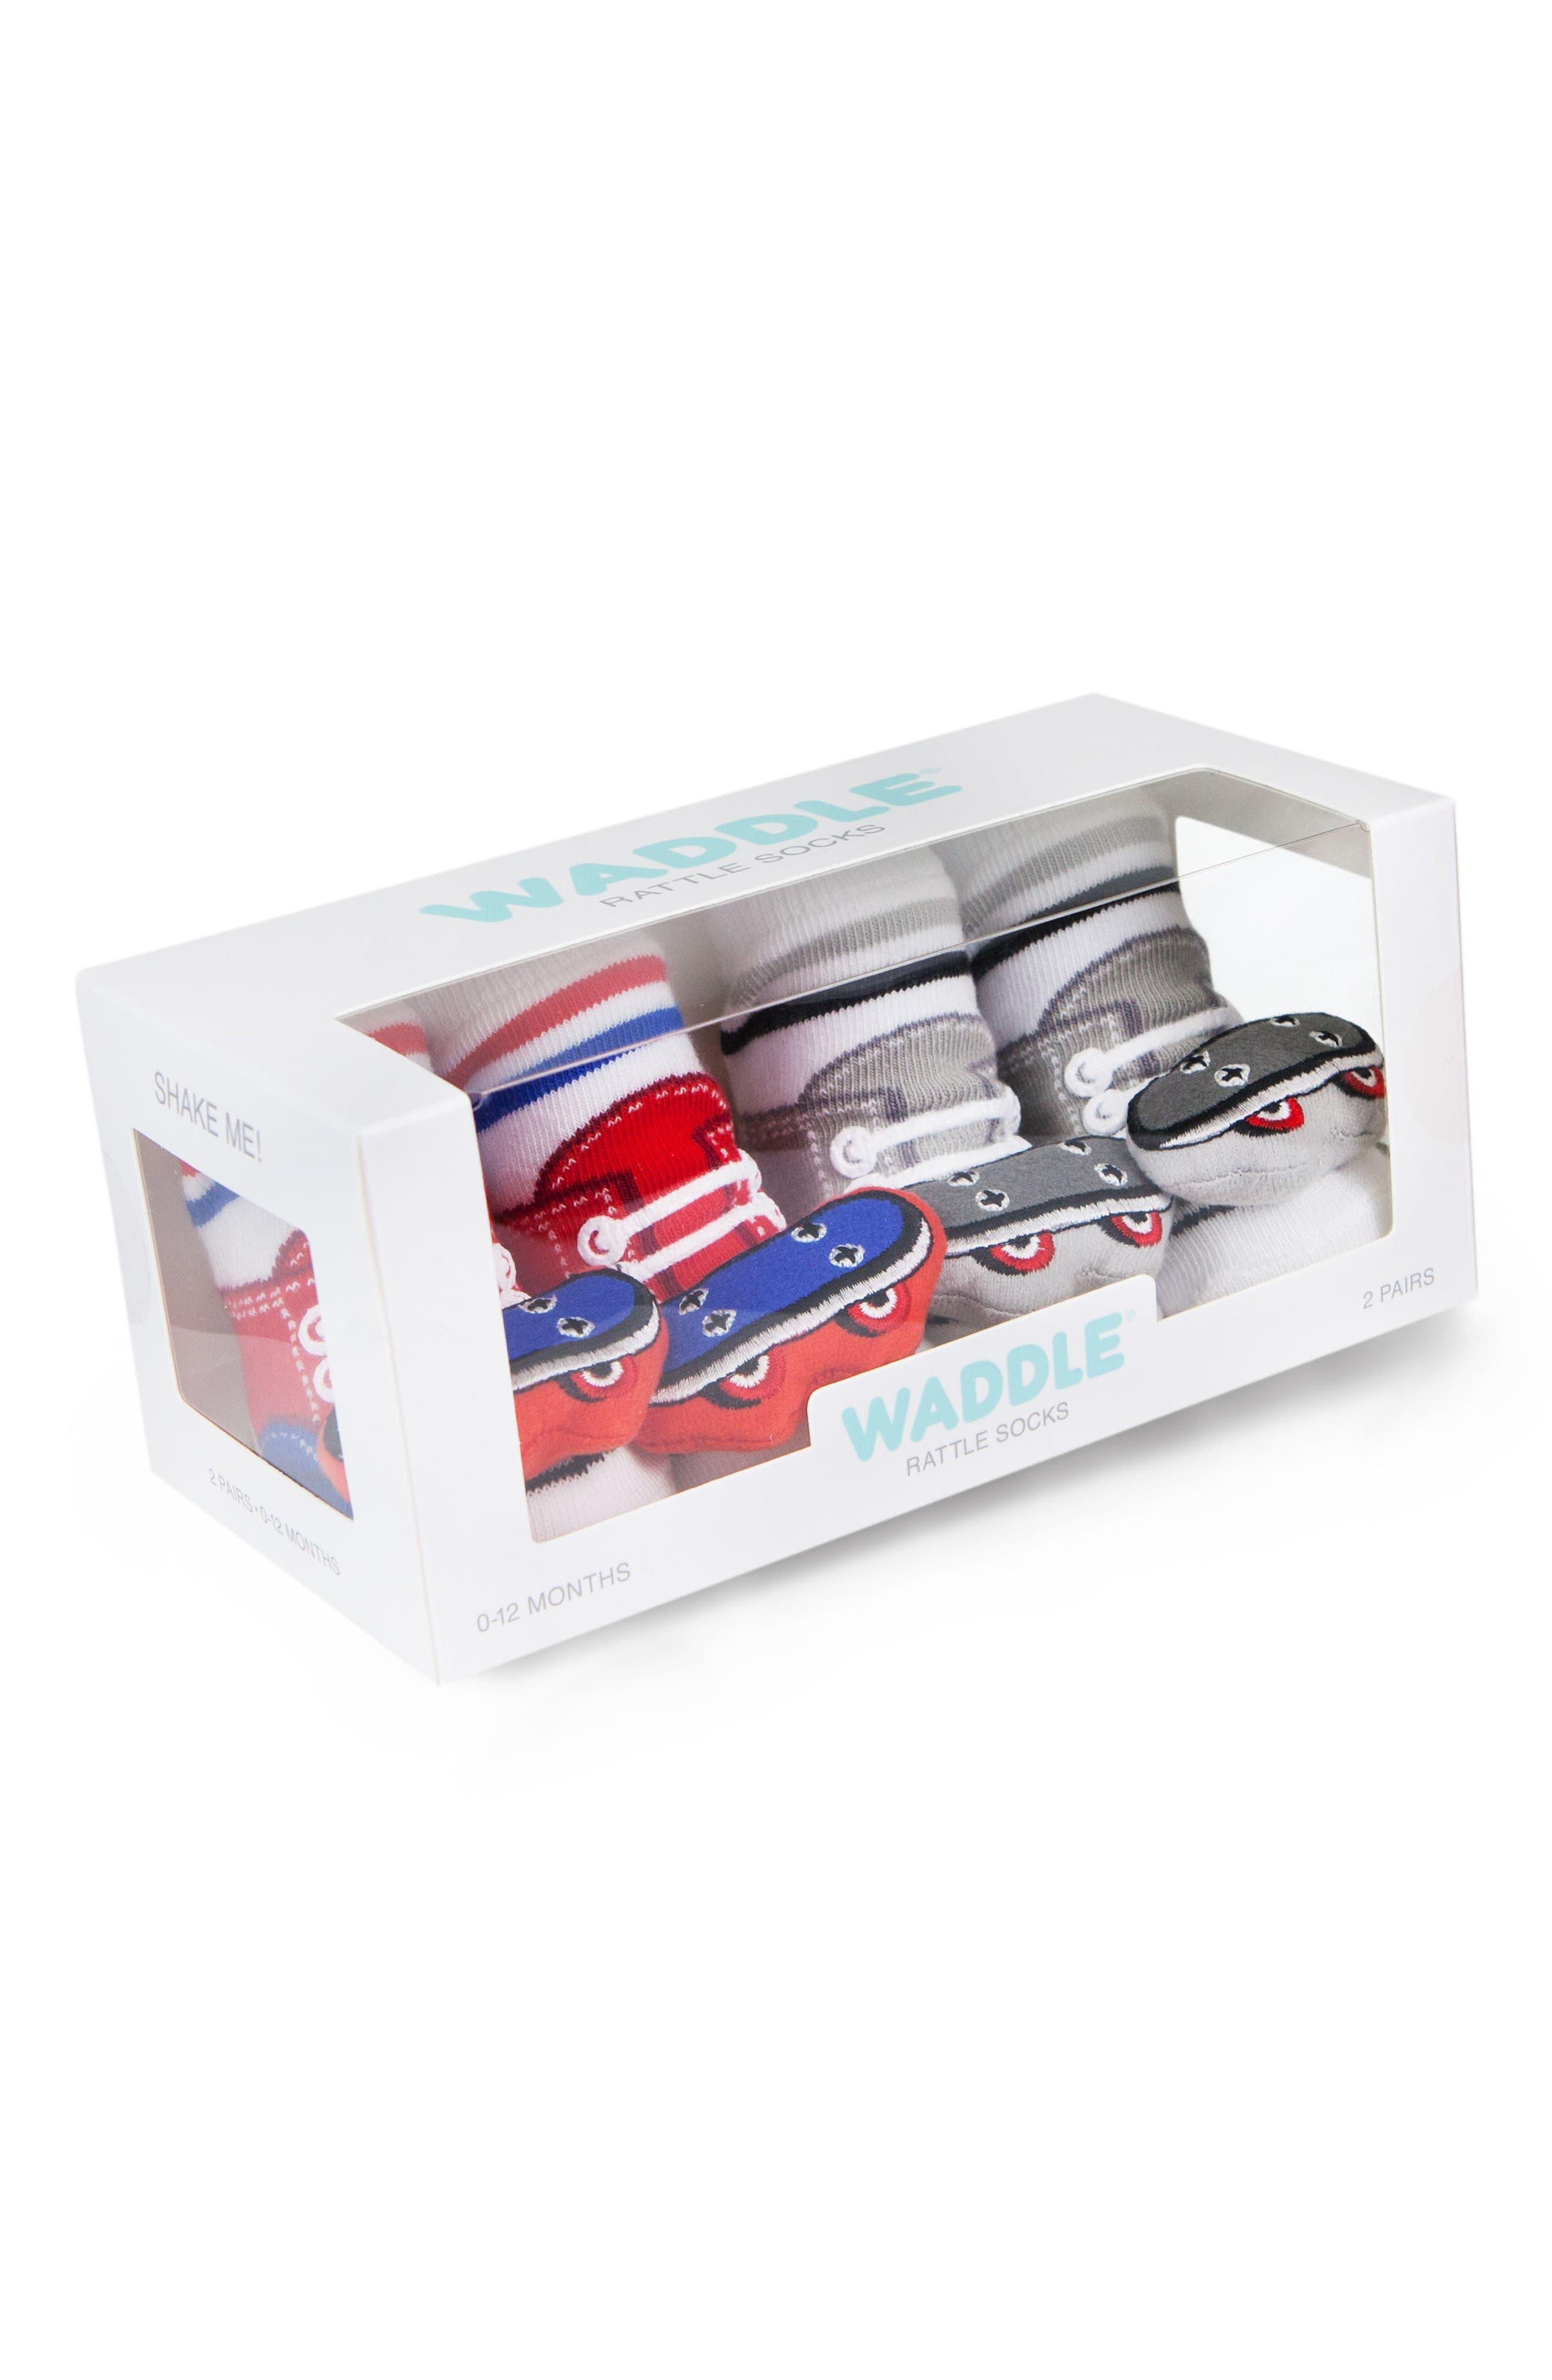 2-Pack Skateboard Rattle Socks,                             Alternate thumbnail 2, color,                             Red/ Grey